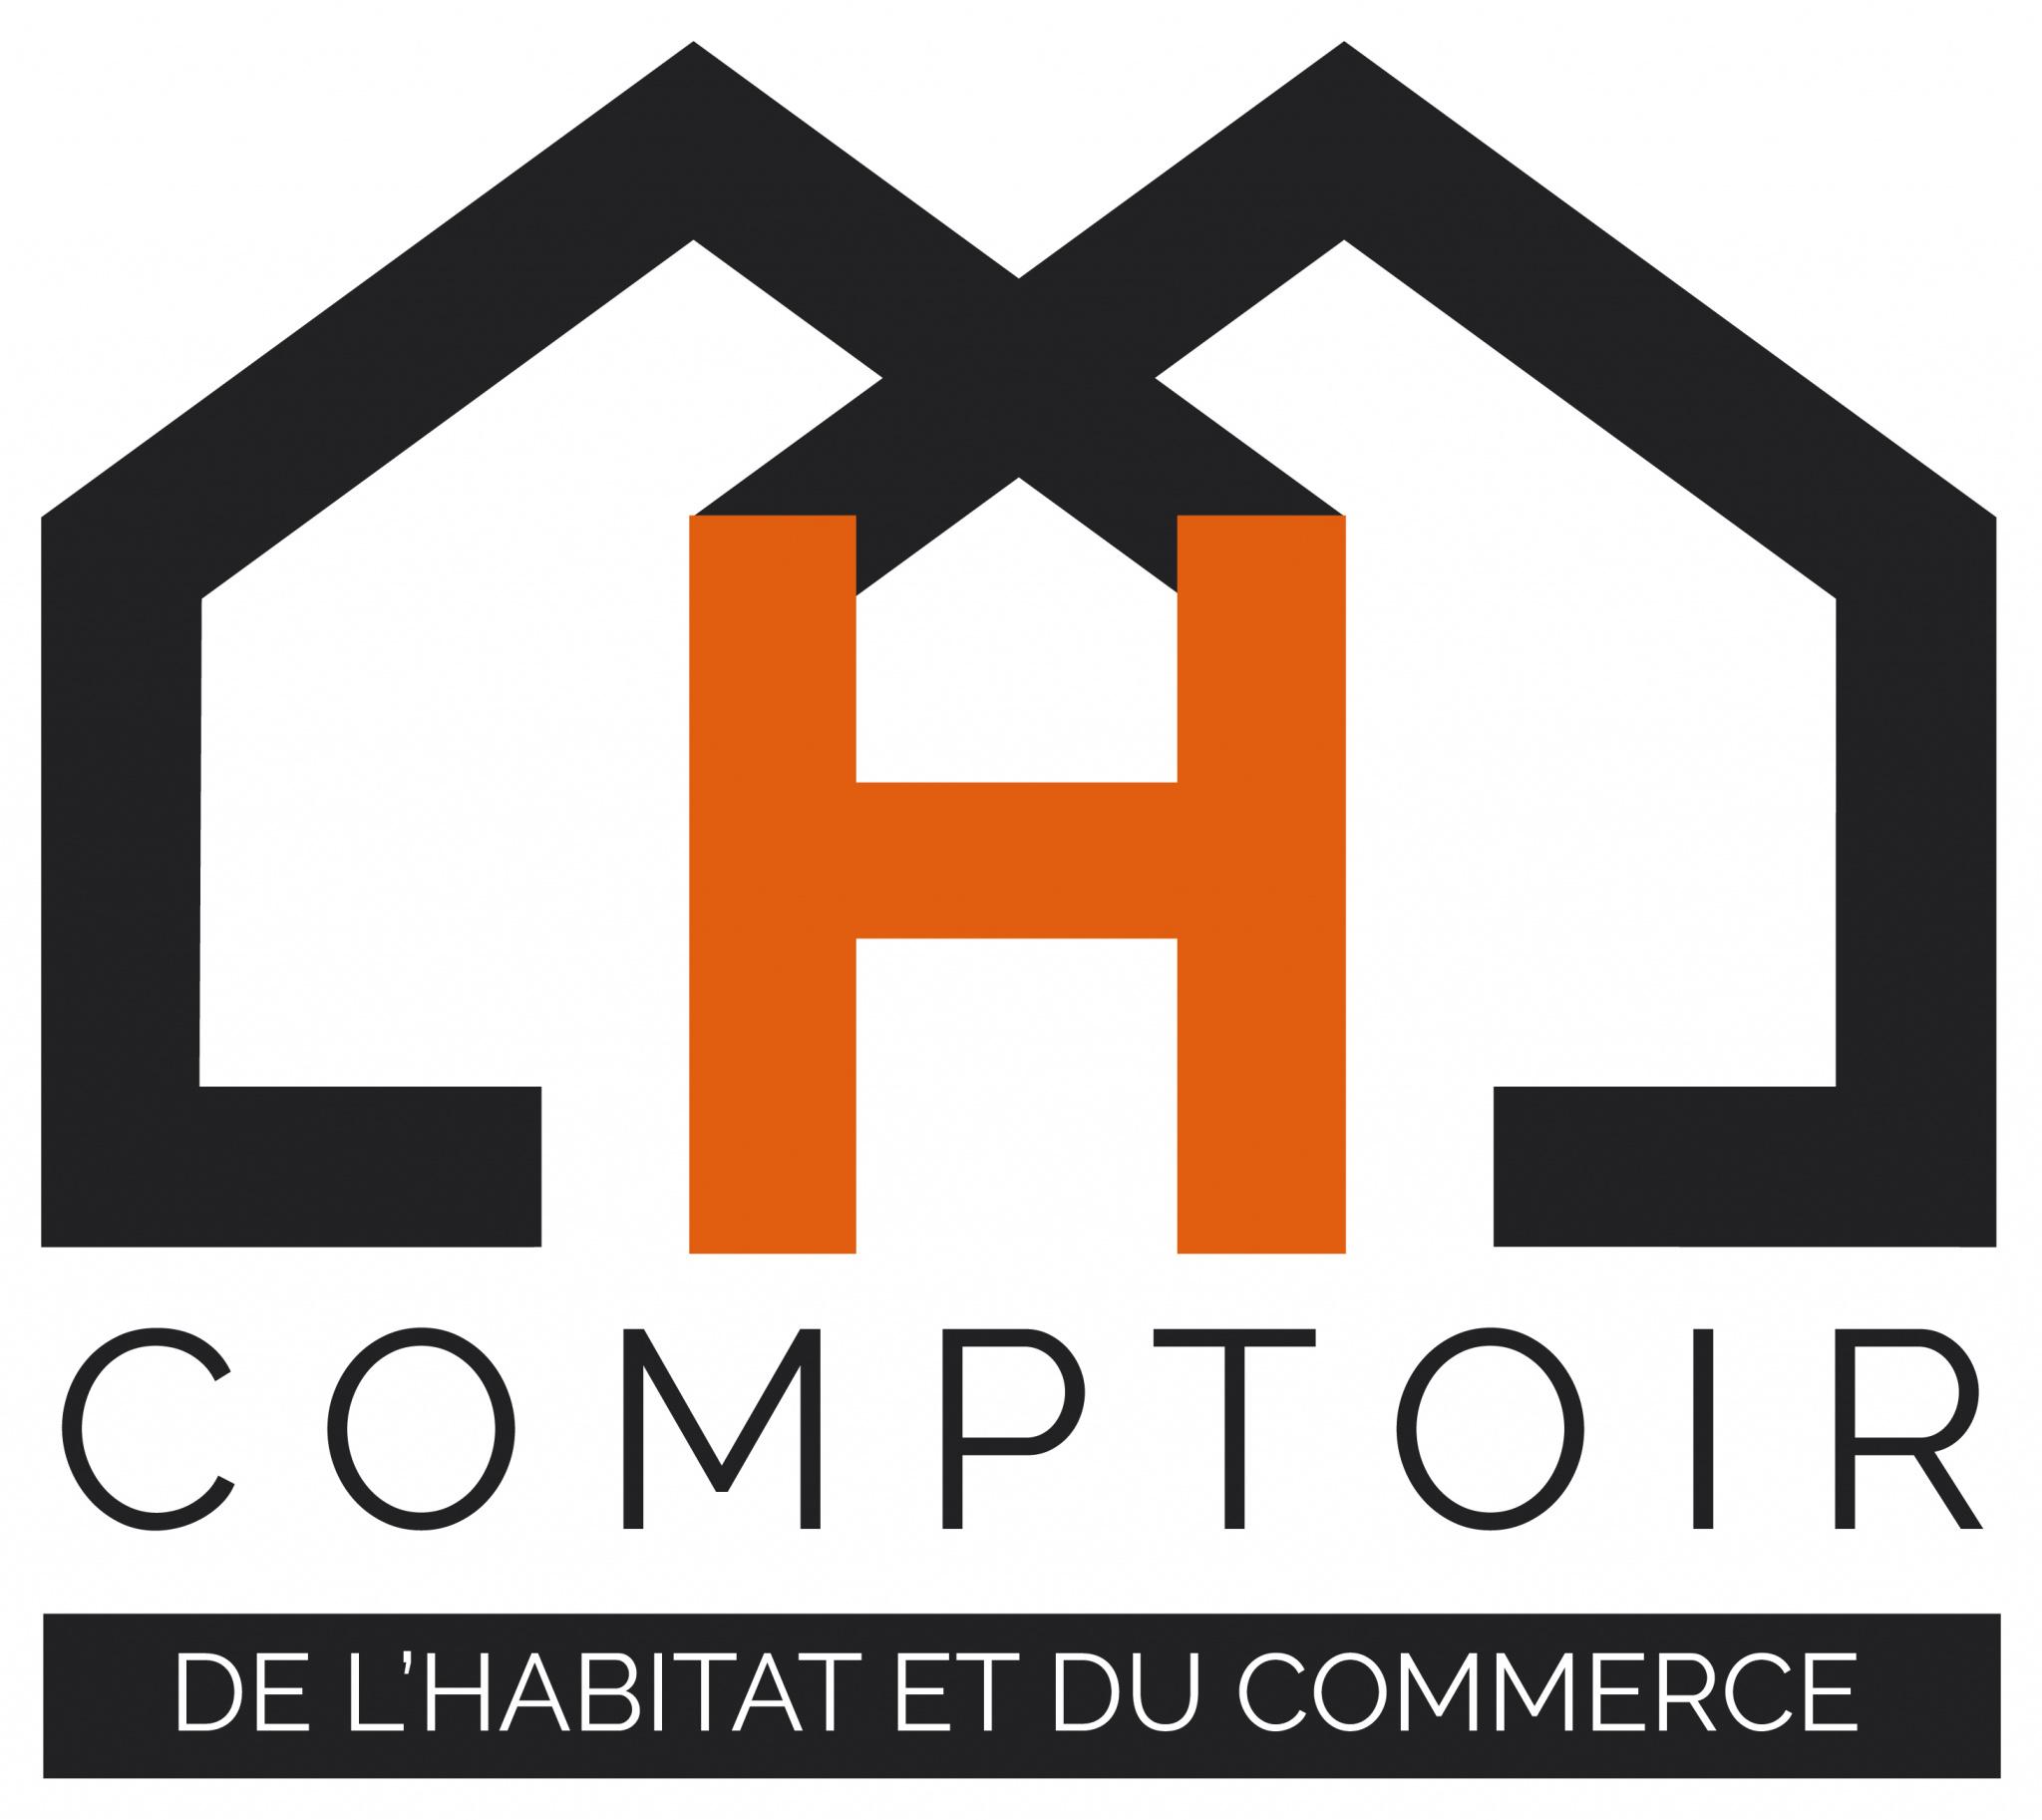 Vente murs commerciaux 85m² Grenoble - Bureau Local Entrepôt